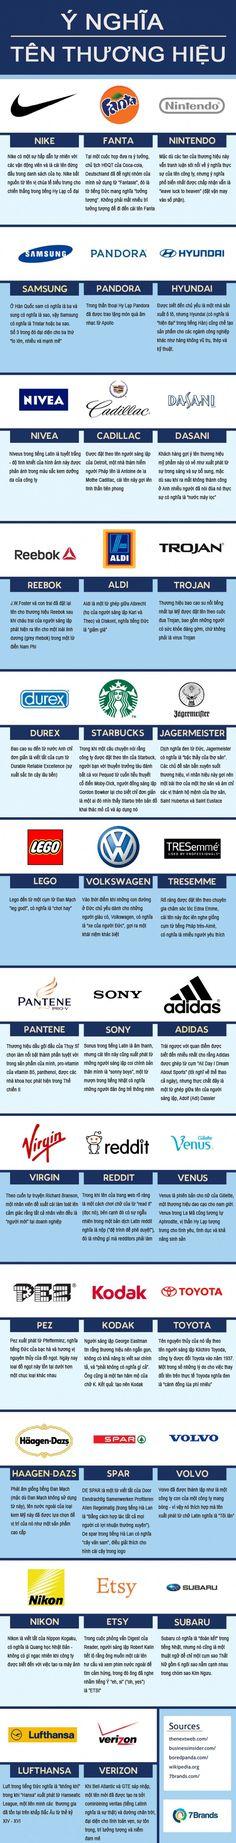 Ý nghĩa tên thương hiệu của Nike, Fanta, Nivea hay Samsung | Quảng cáo - Thương hiệu | CafeBiz